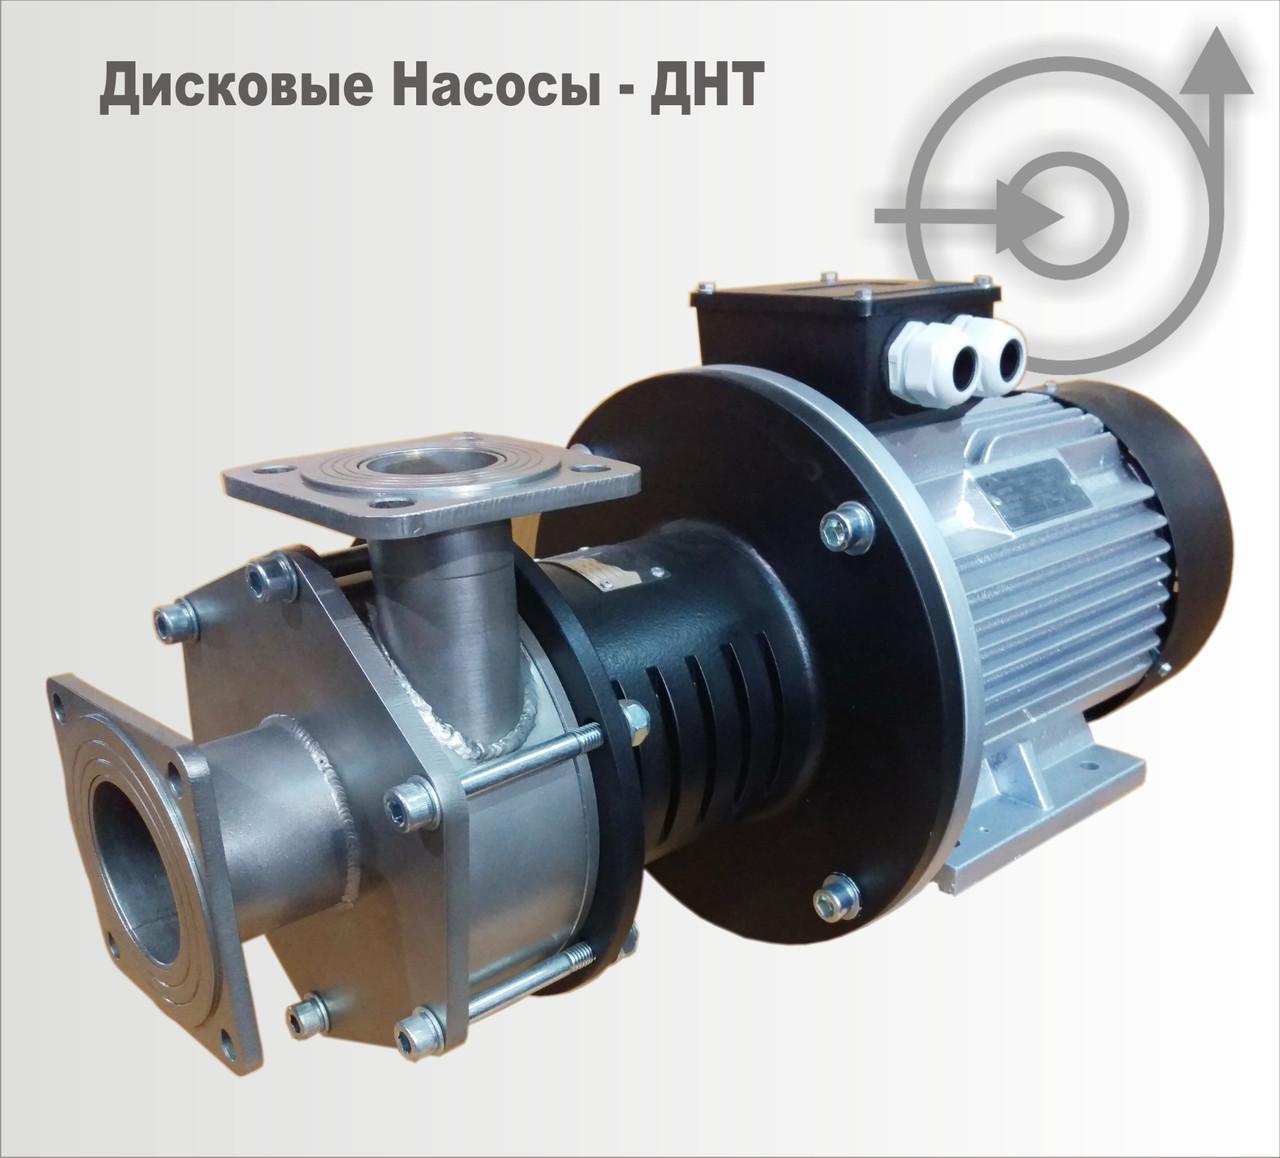 Дисковый насос ДНТ-М 200 40-30 ТУ нержавеющая сталь